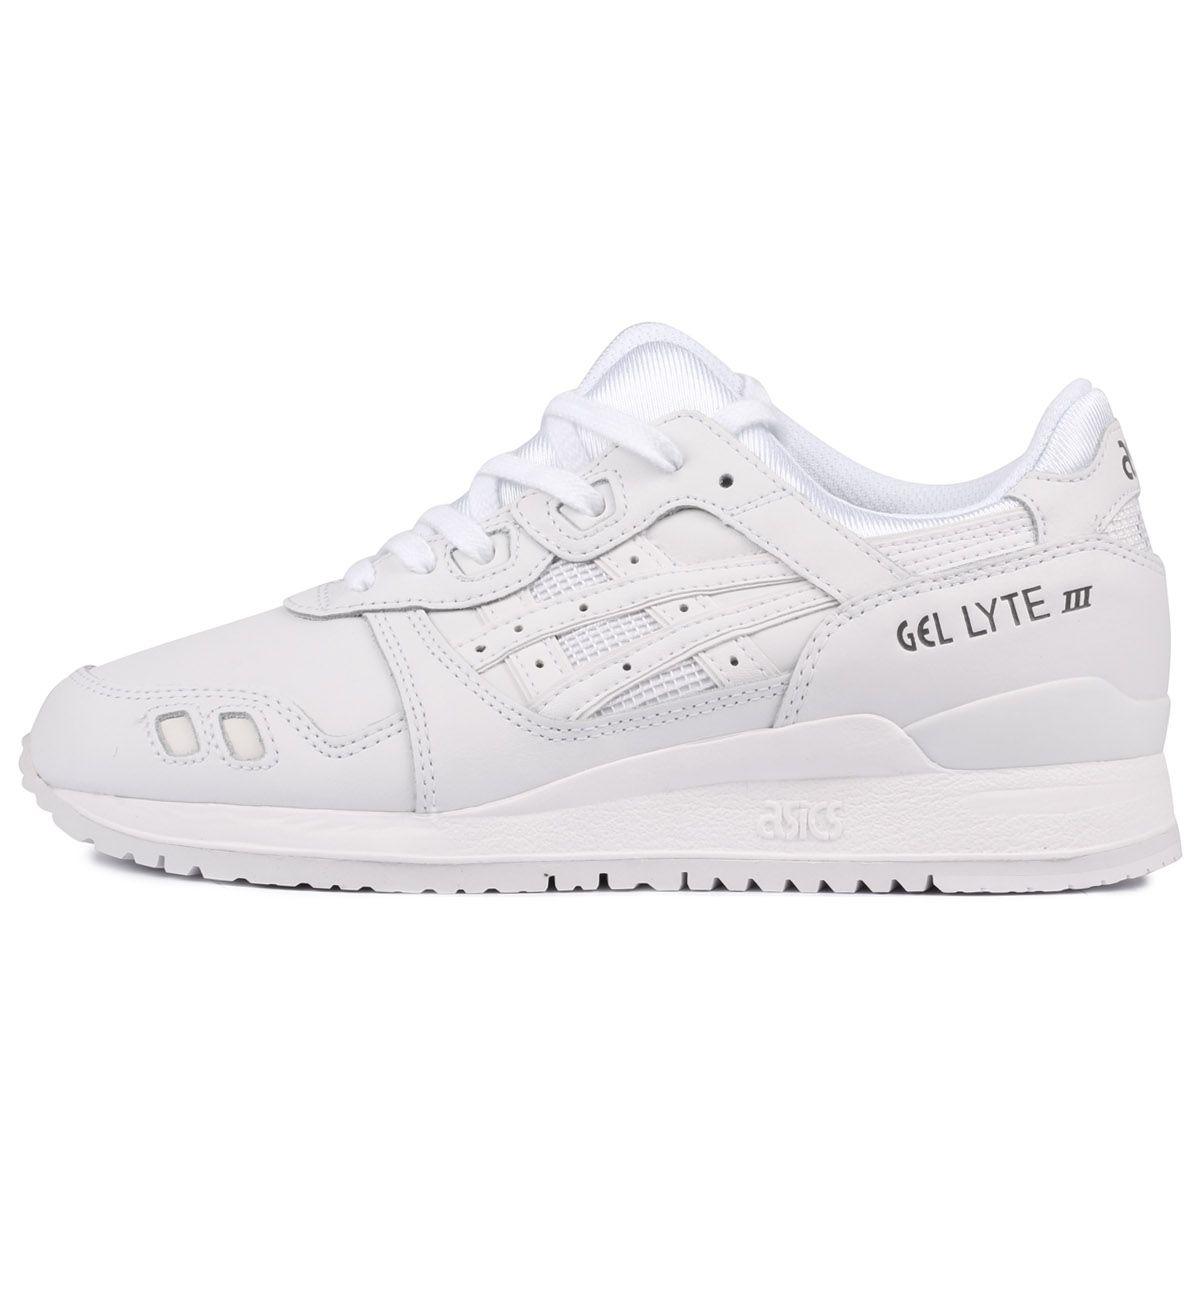 techo Refrigerar Oír de  ASICS Gel Lyte III White / White from ASICS, on 5 Pointz | Gel lyte iii, Asics  gel lyte iii, Asics gel lyte